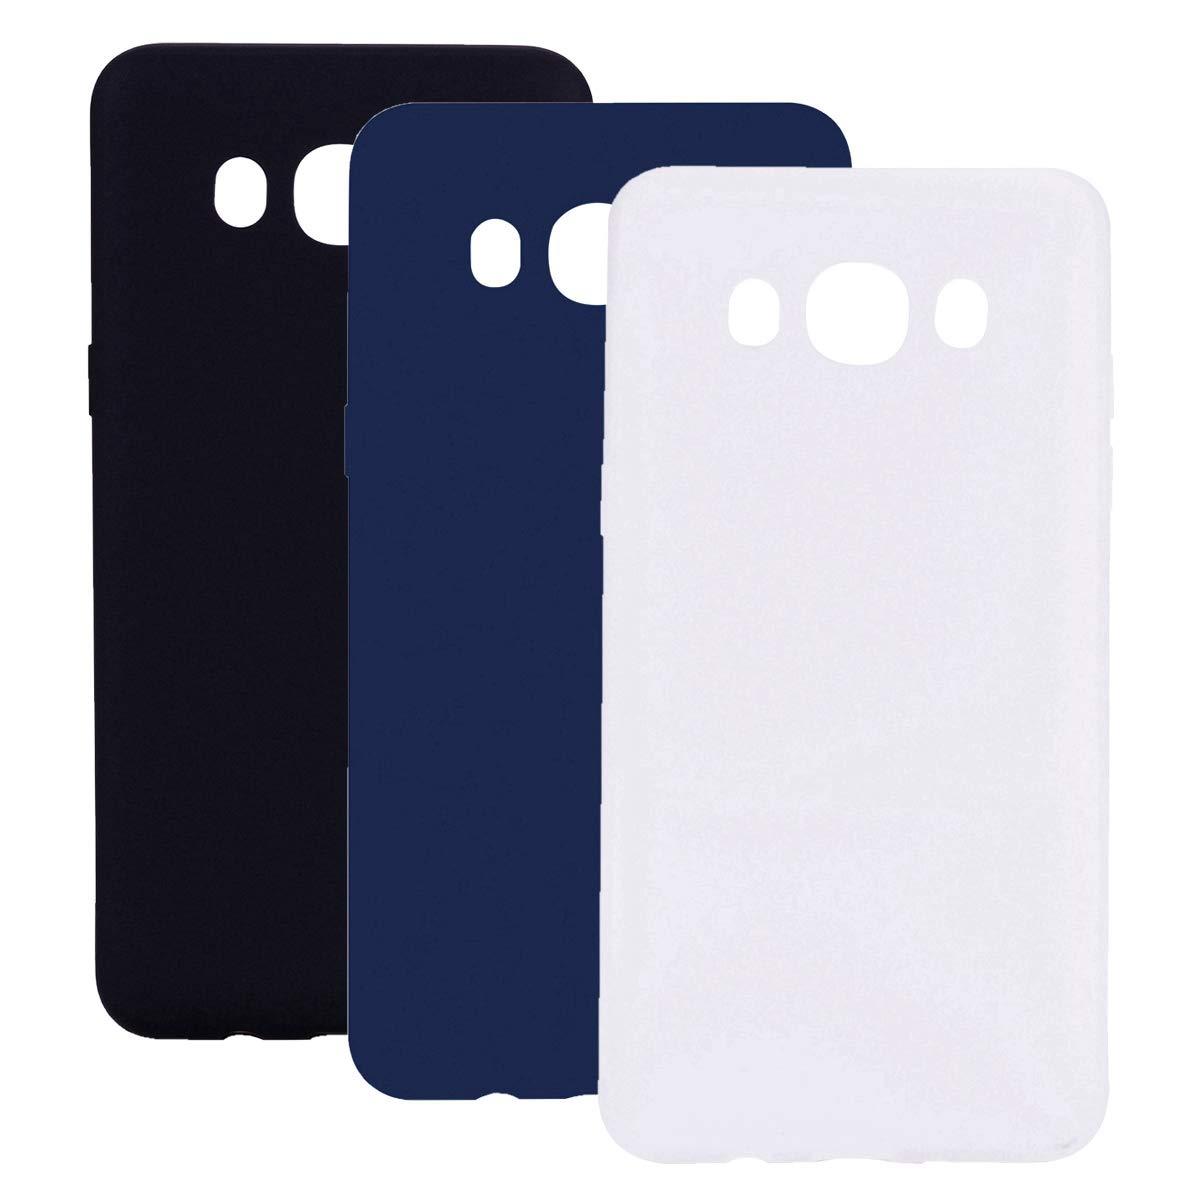 Misstars Silikon Hülle für Galaxy J3 2016, Soft Flex TPU Case im Candy Design Ultra Dünn Matt Weich Handyhülle Anti-Stoß Kratzfeste Schutzhülle für Samsung Galaxy J3 2015 / J3 2016, Blau